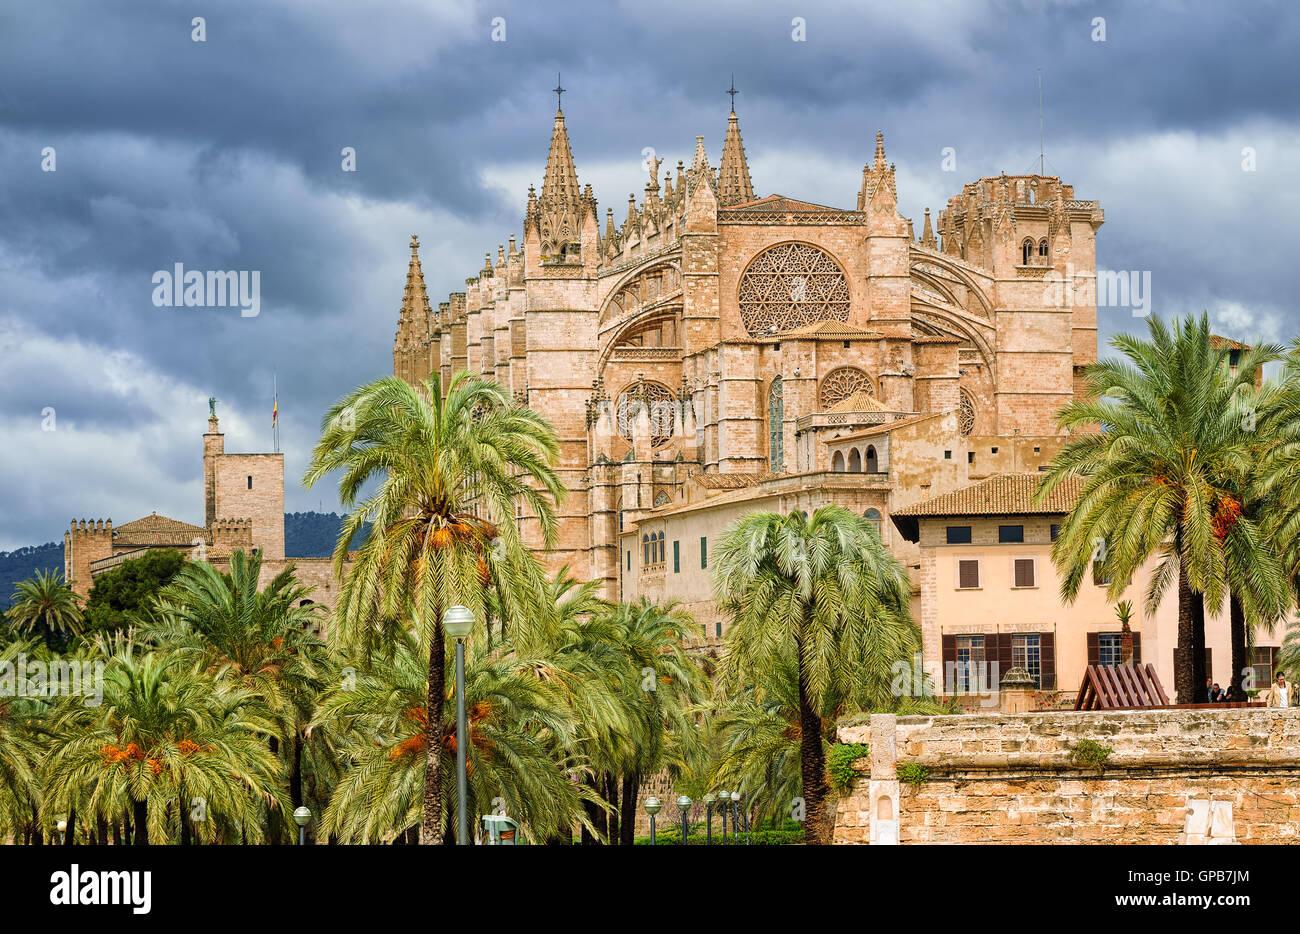 La Seu, catedral gótica medieval de Palma de Mallorca, en el jardín de palmeras, España Imagen De Stock